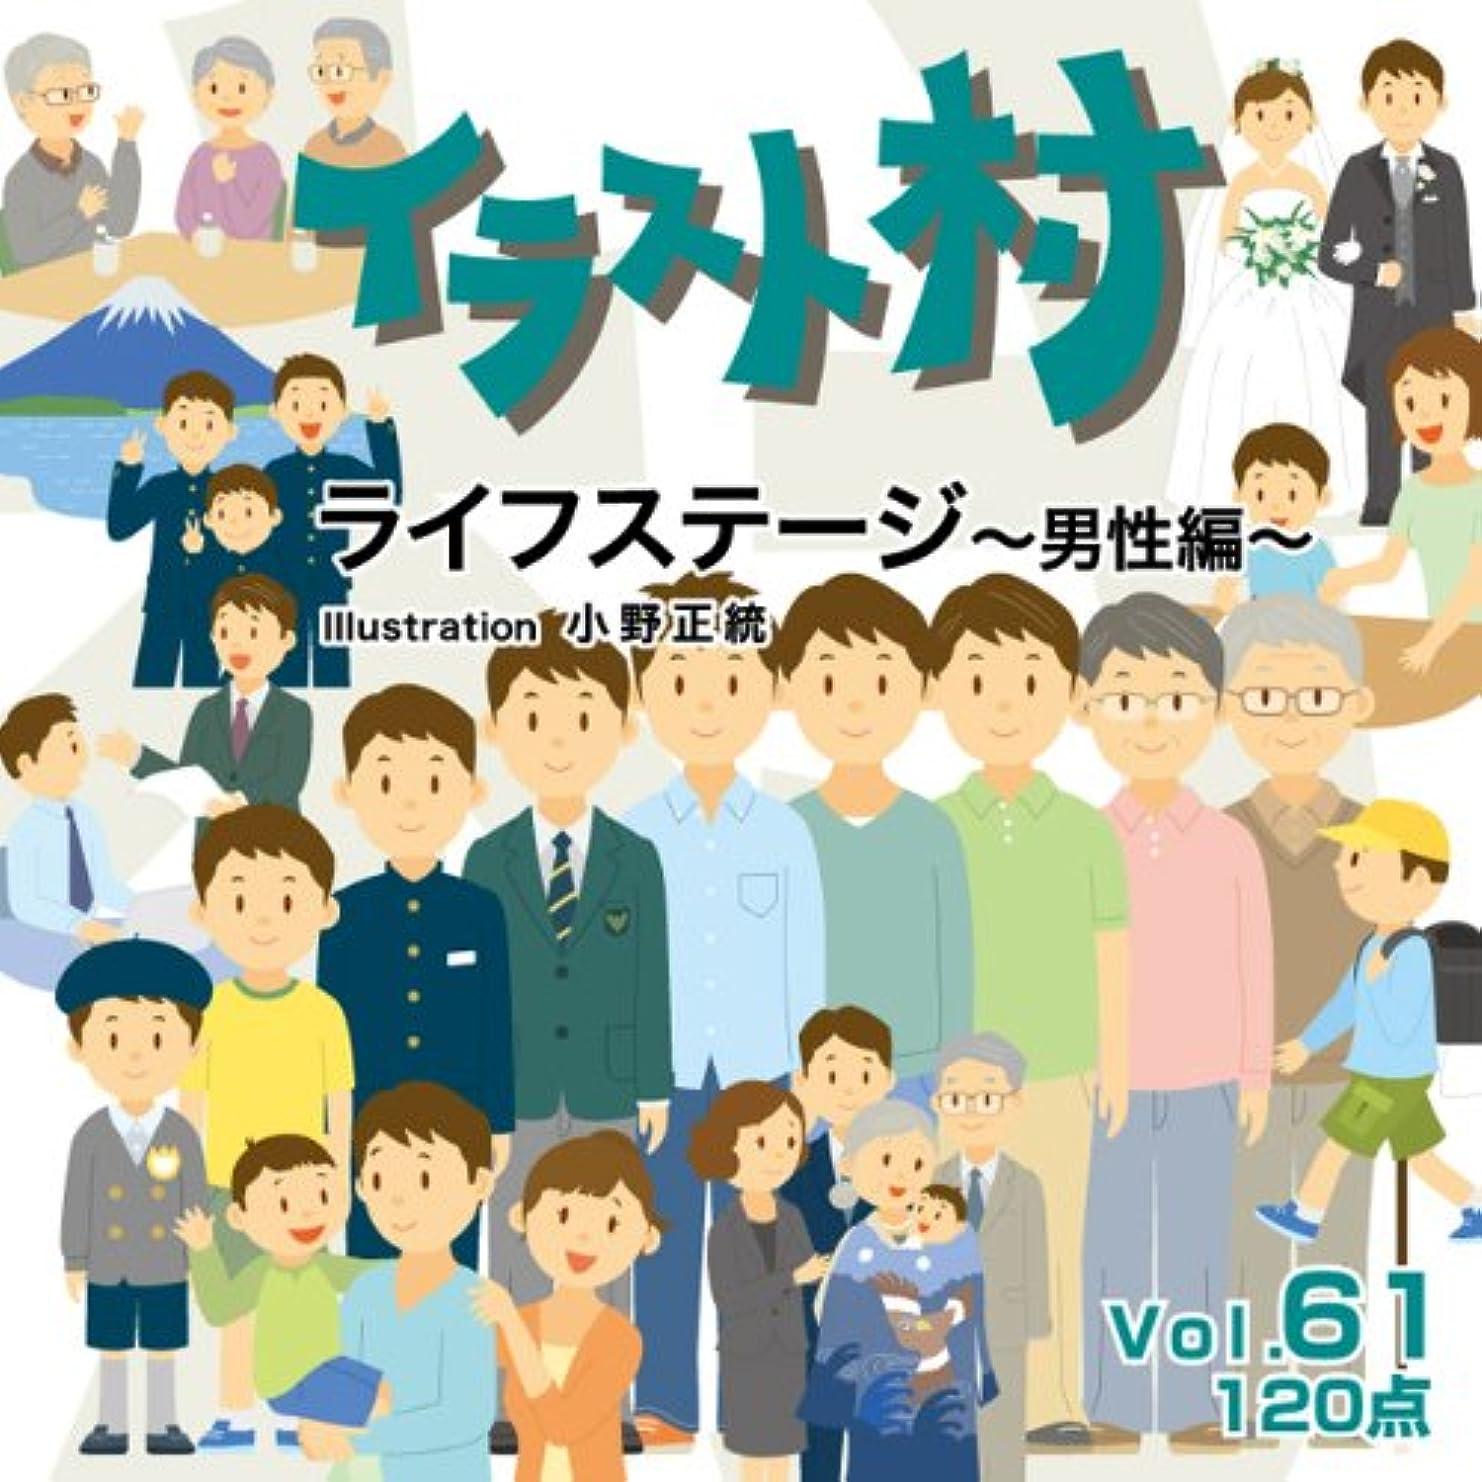 オーケストラワークショップ知人イラスト村 Vol.61 ライフステージ 男性編